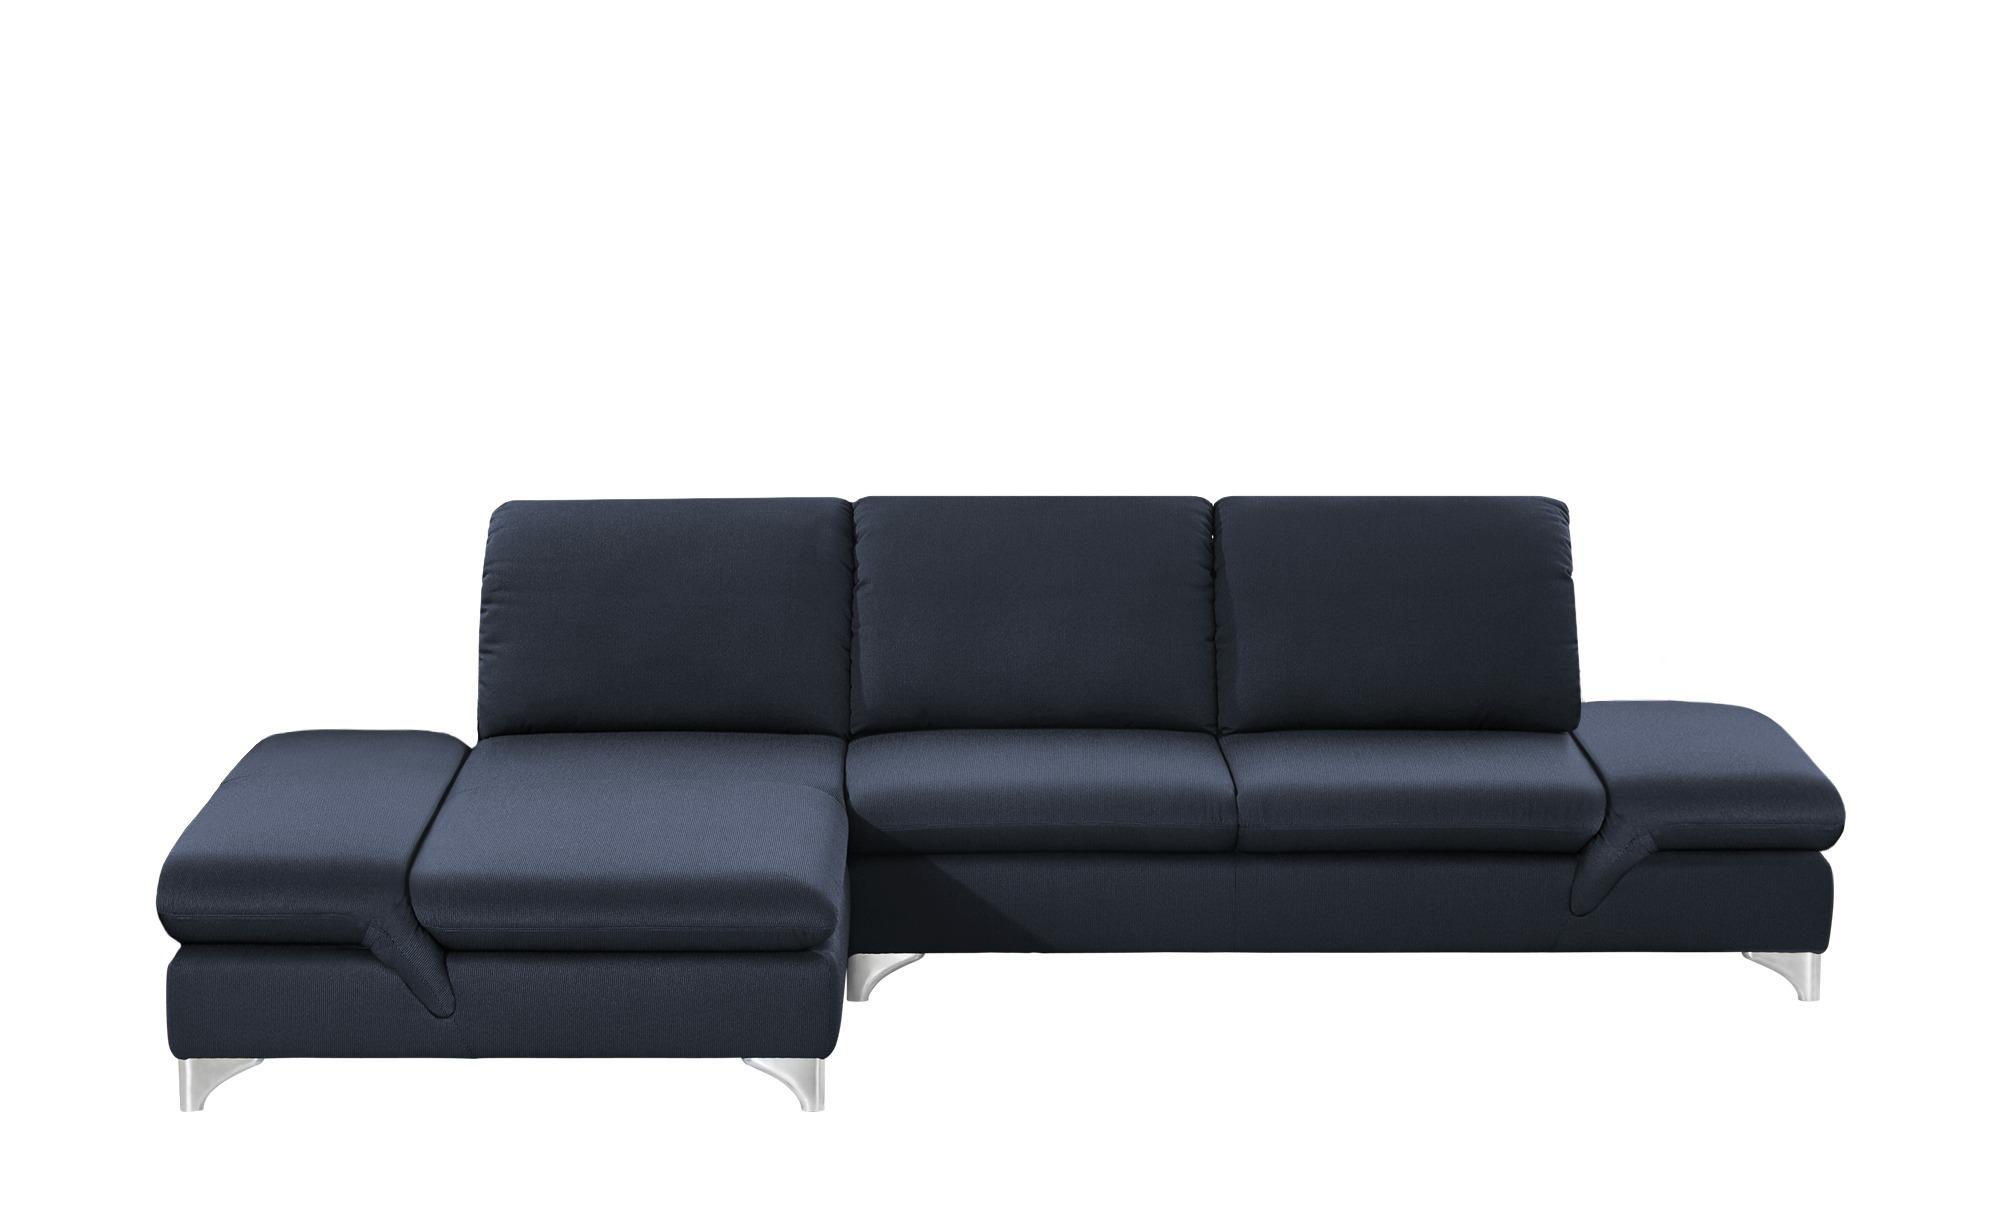 Full Size of Sofa Wschillig Ecksofa Blau Webstoff Saraa Dunkelblau Auf Raten Bezug Hülsta Alcantara Big Poco Schillig 2 5 Sitzer Konfigurator Mit Relaxfunktion Ikea Sofa W.schillig Sofa